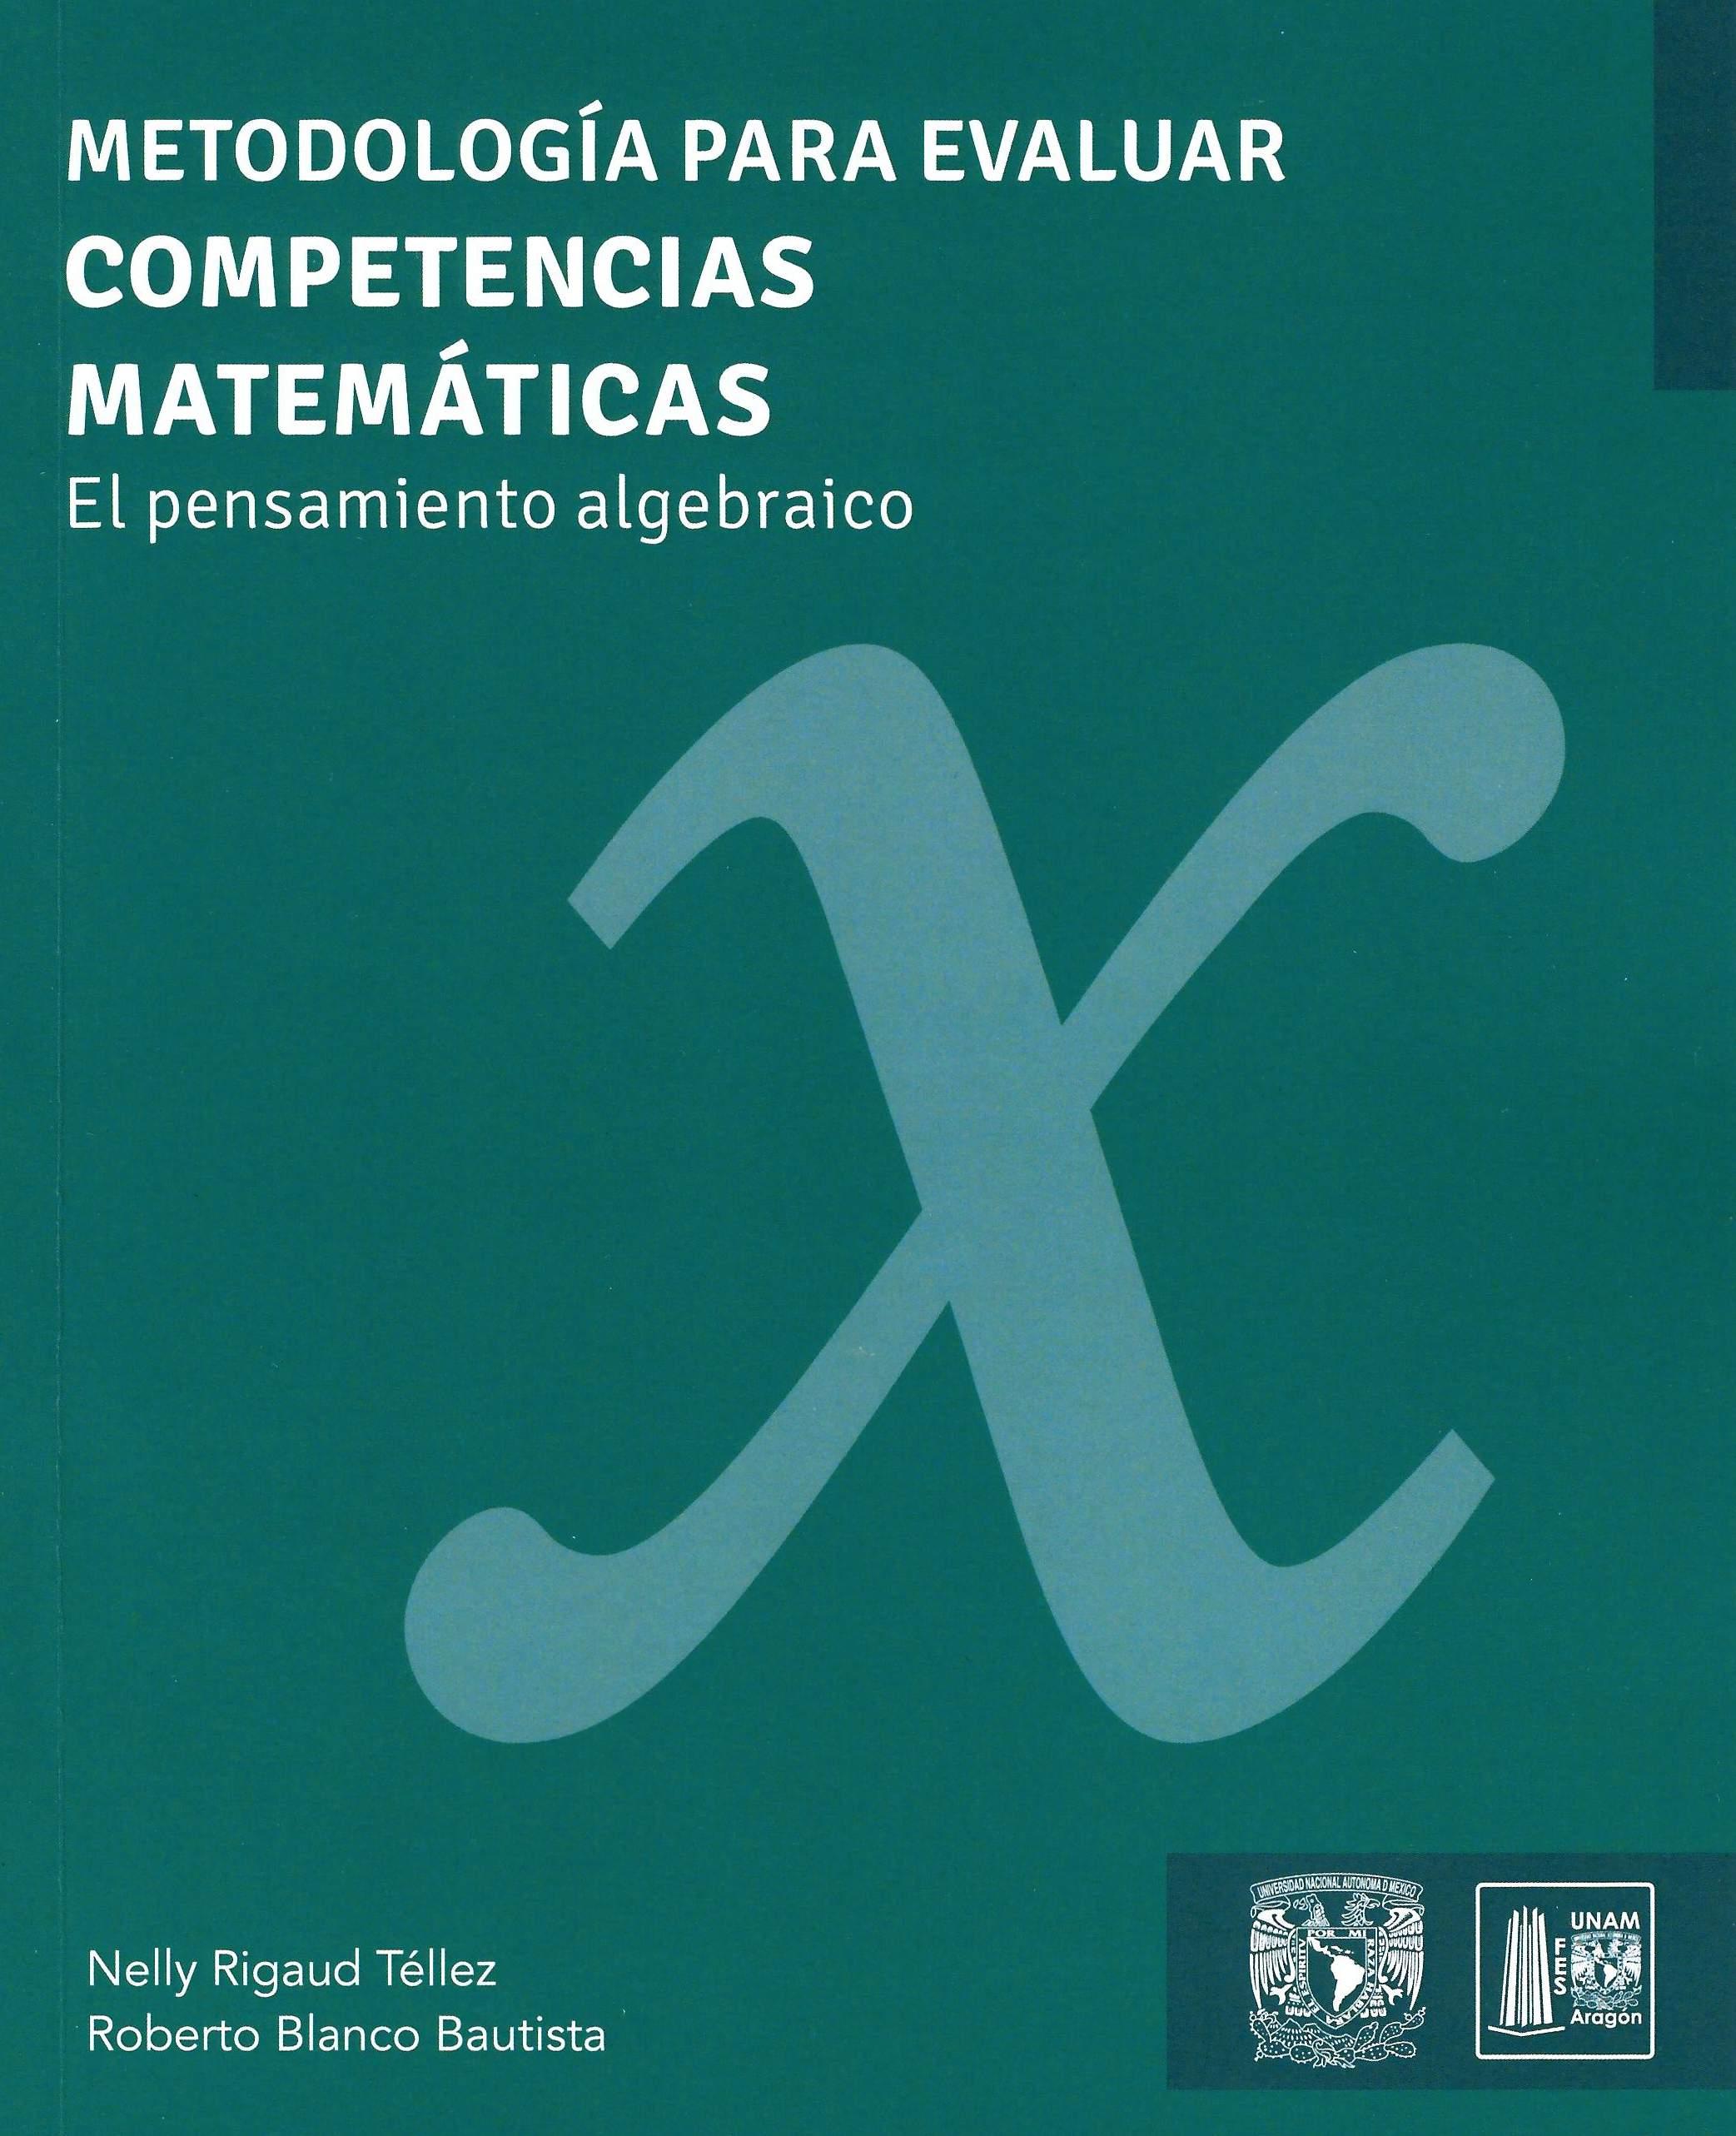 Metodología para evaluar competencias matemáticas: el pensamiento algebraico